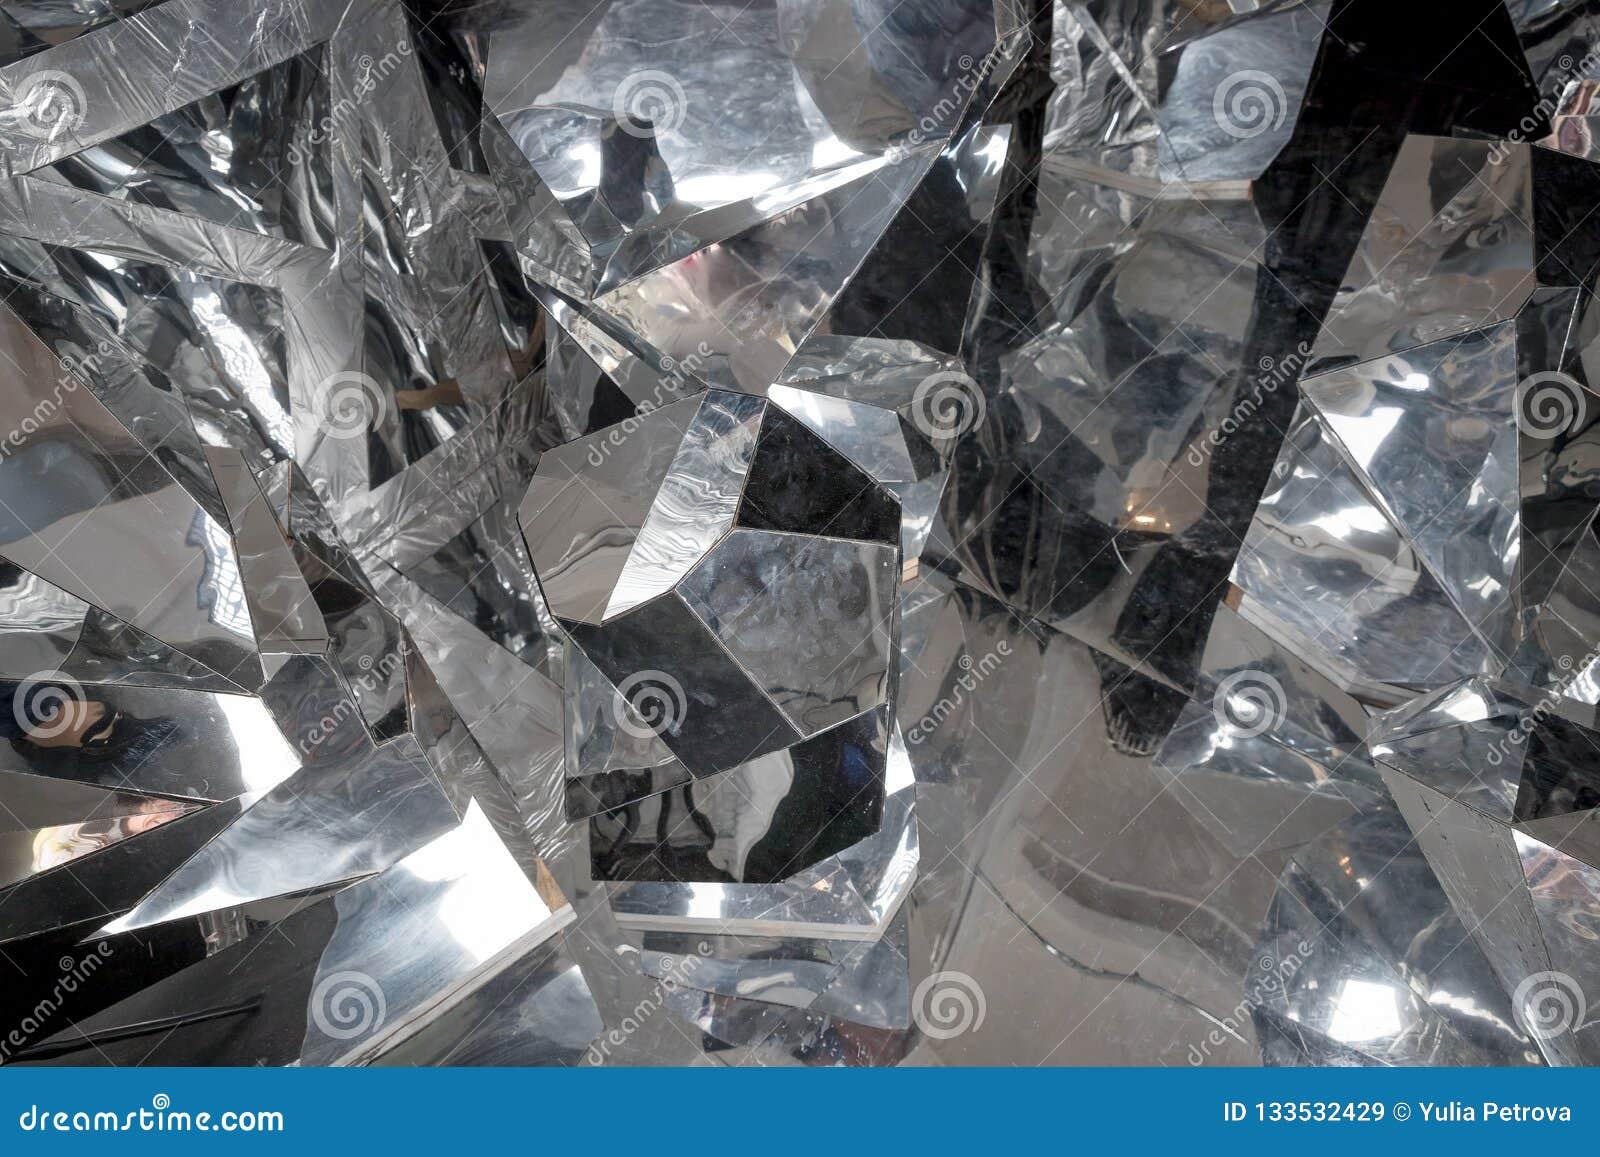 Détail abstrait de peu de grands morceaux de glace cassée glace, blocs écrasés de glace Surface cassée de glace Texture épaisse d